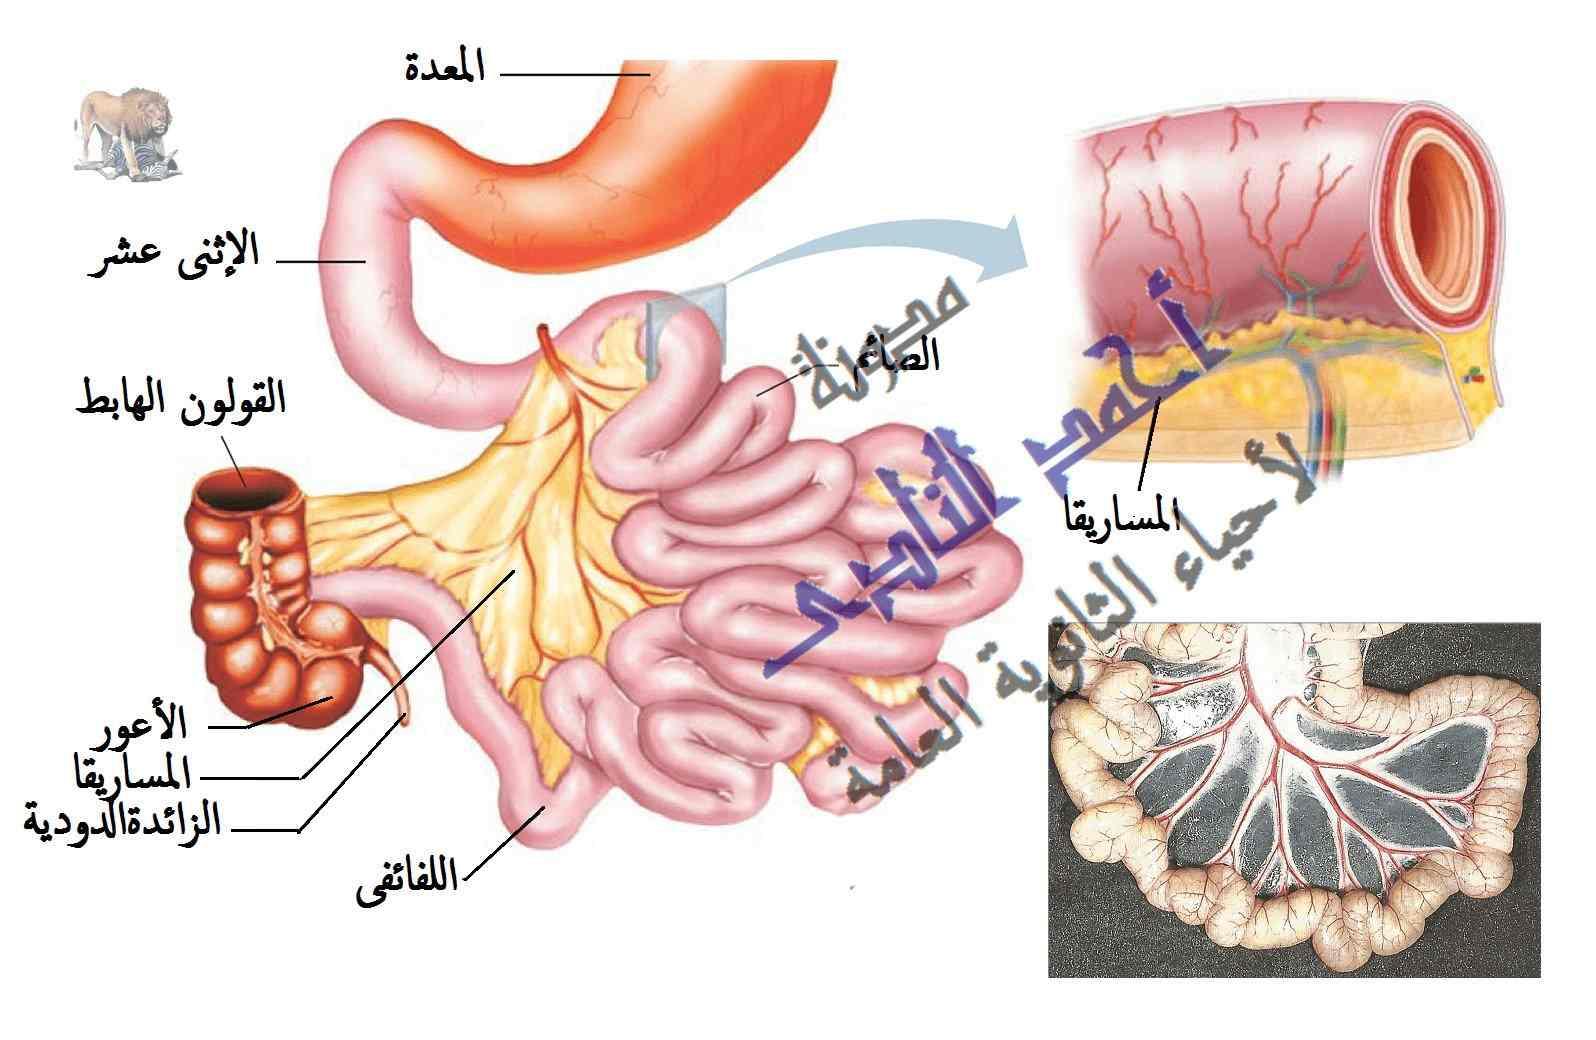 مدونة أحمد النادى لأحياء الثانوية العامة – التغذية غير الذاتية – الإمتصاص فى الأمعاء - المساريقا - الكبد -  الطريق الدموى